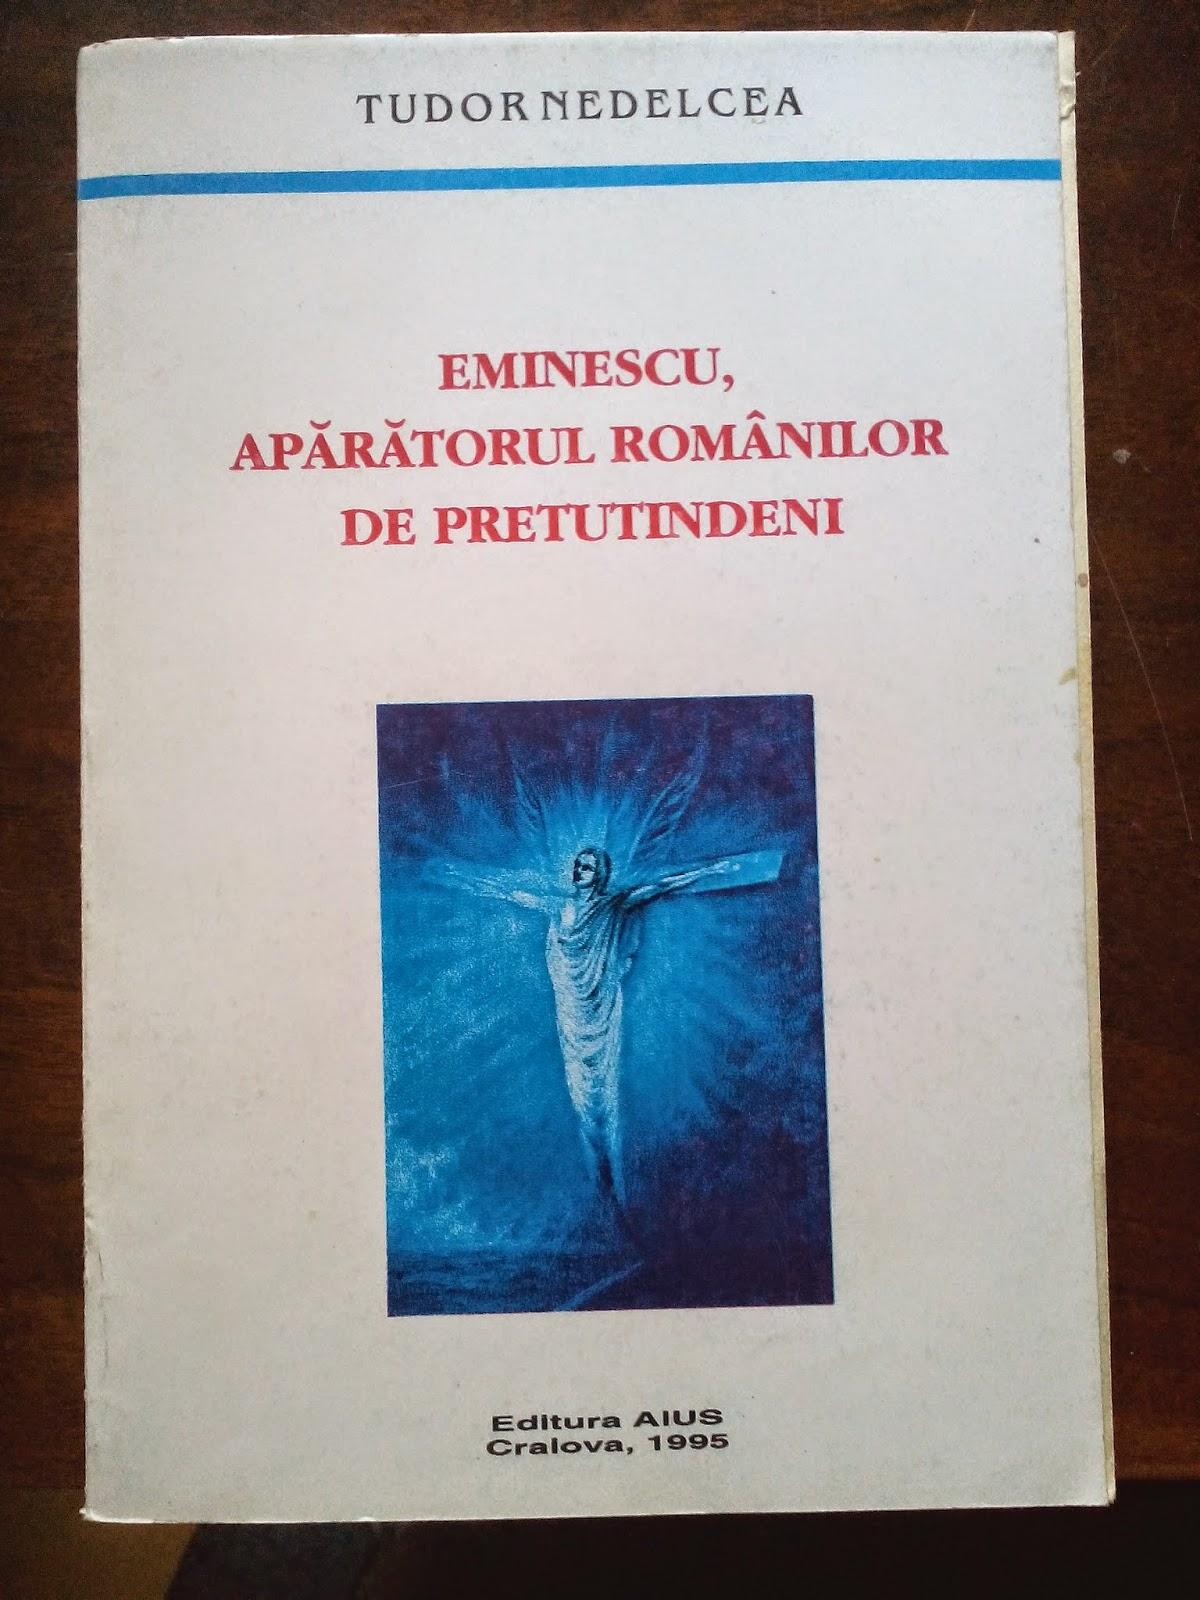 Tudor Nedelcea - Eminescu, aparatorul romanilor de pretutindeni